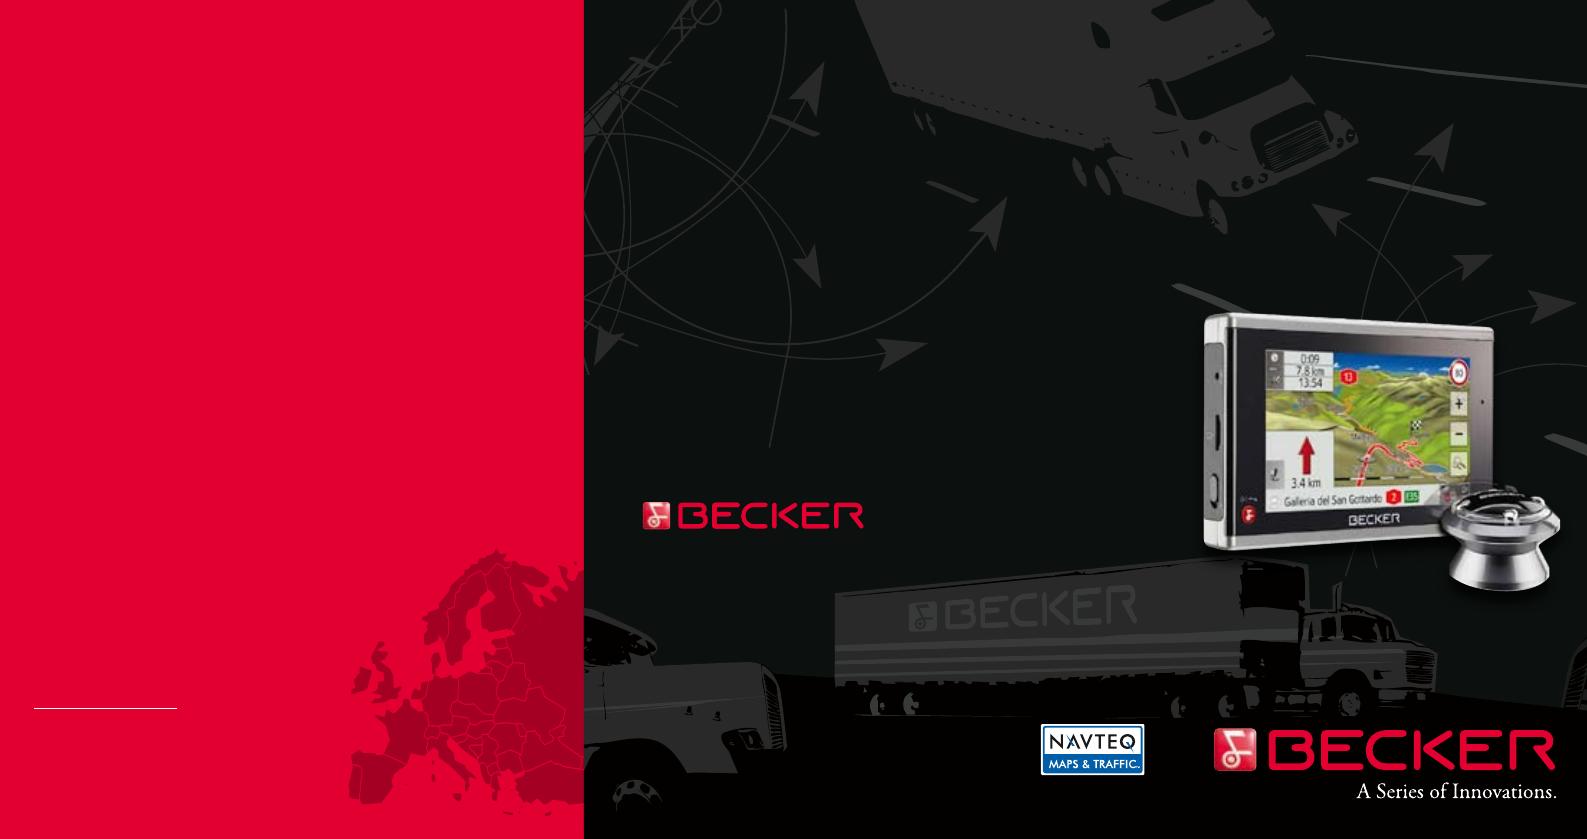 becker designed gps receiver z 302 user guide manualsonline com rh auto manualsonline com Owner's Manual Operators Manual